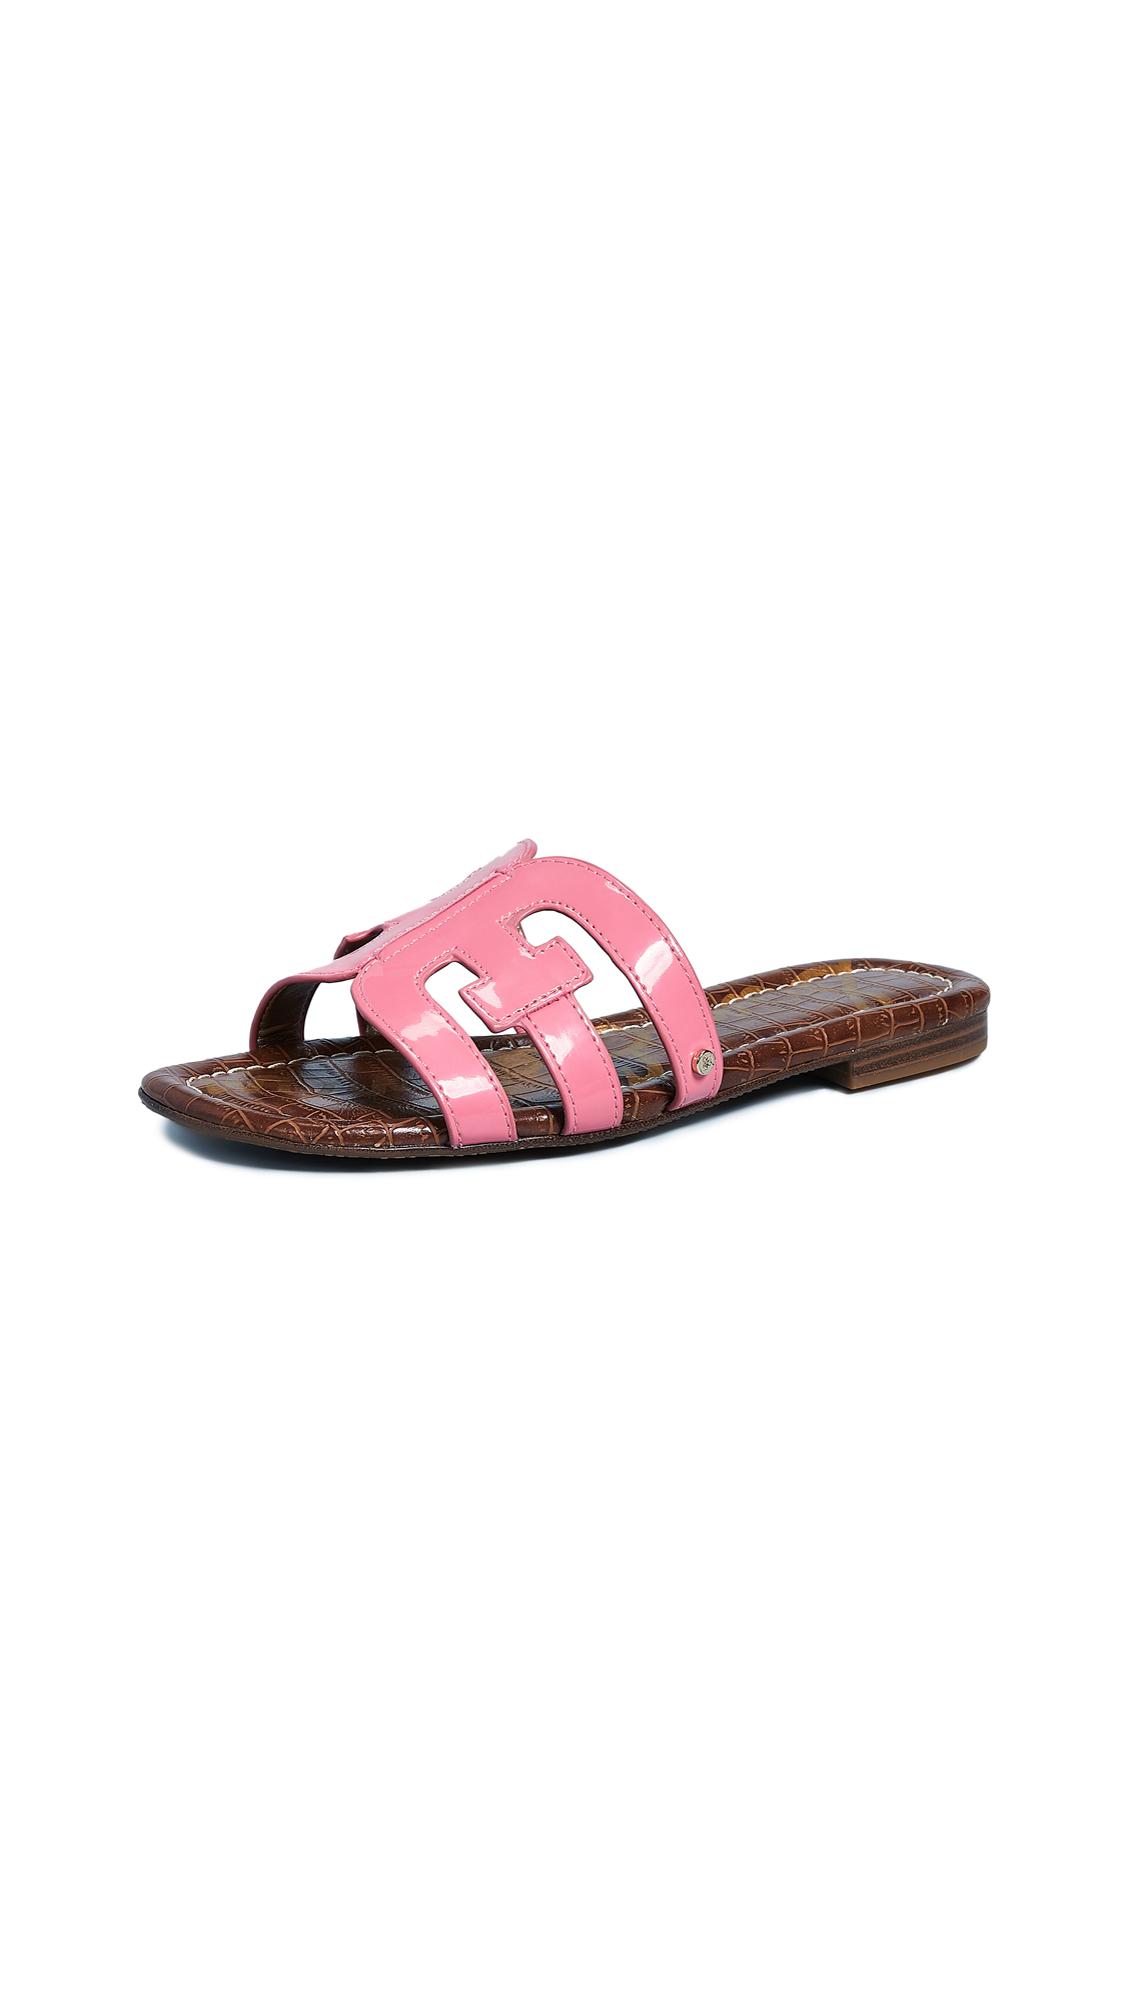 Sam Edelman Bay Slides - Sugar Pink